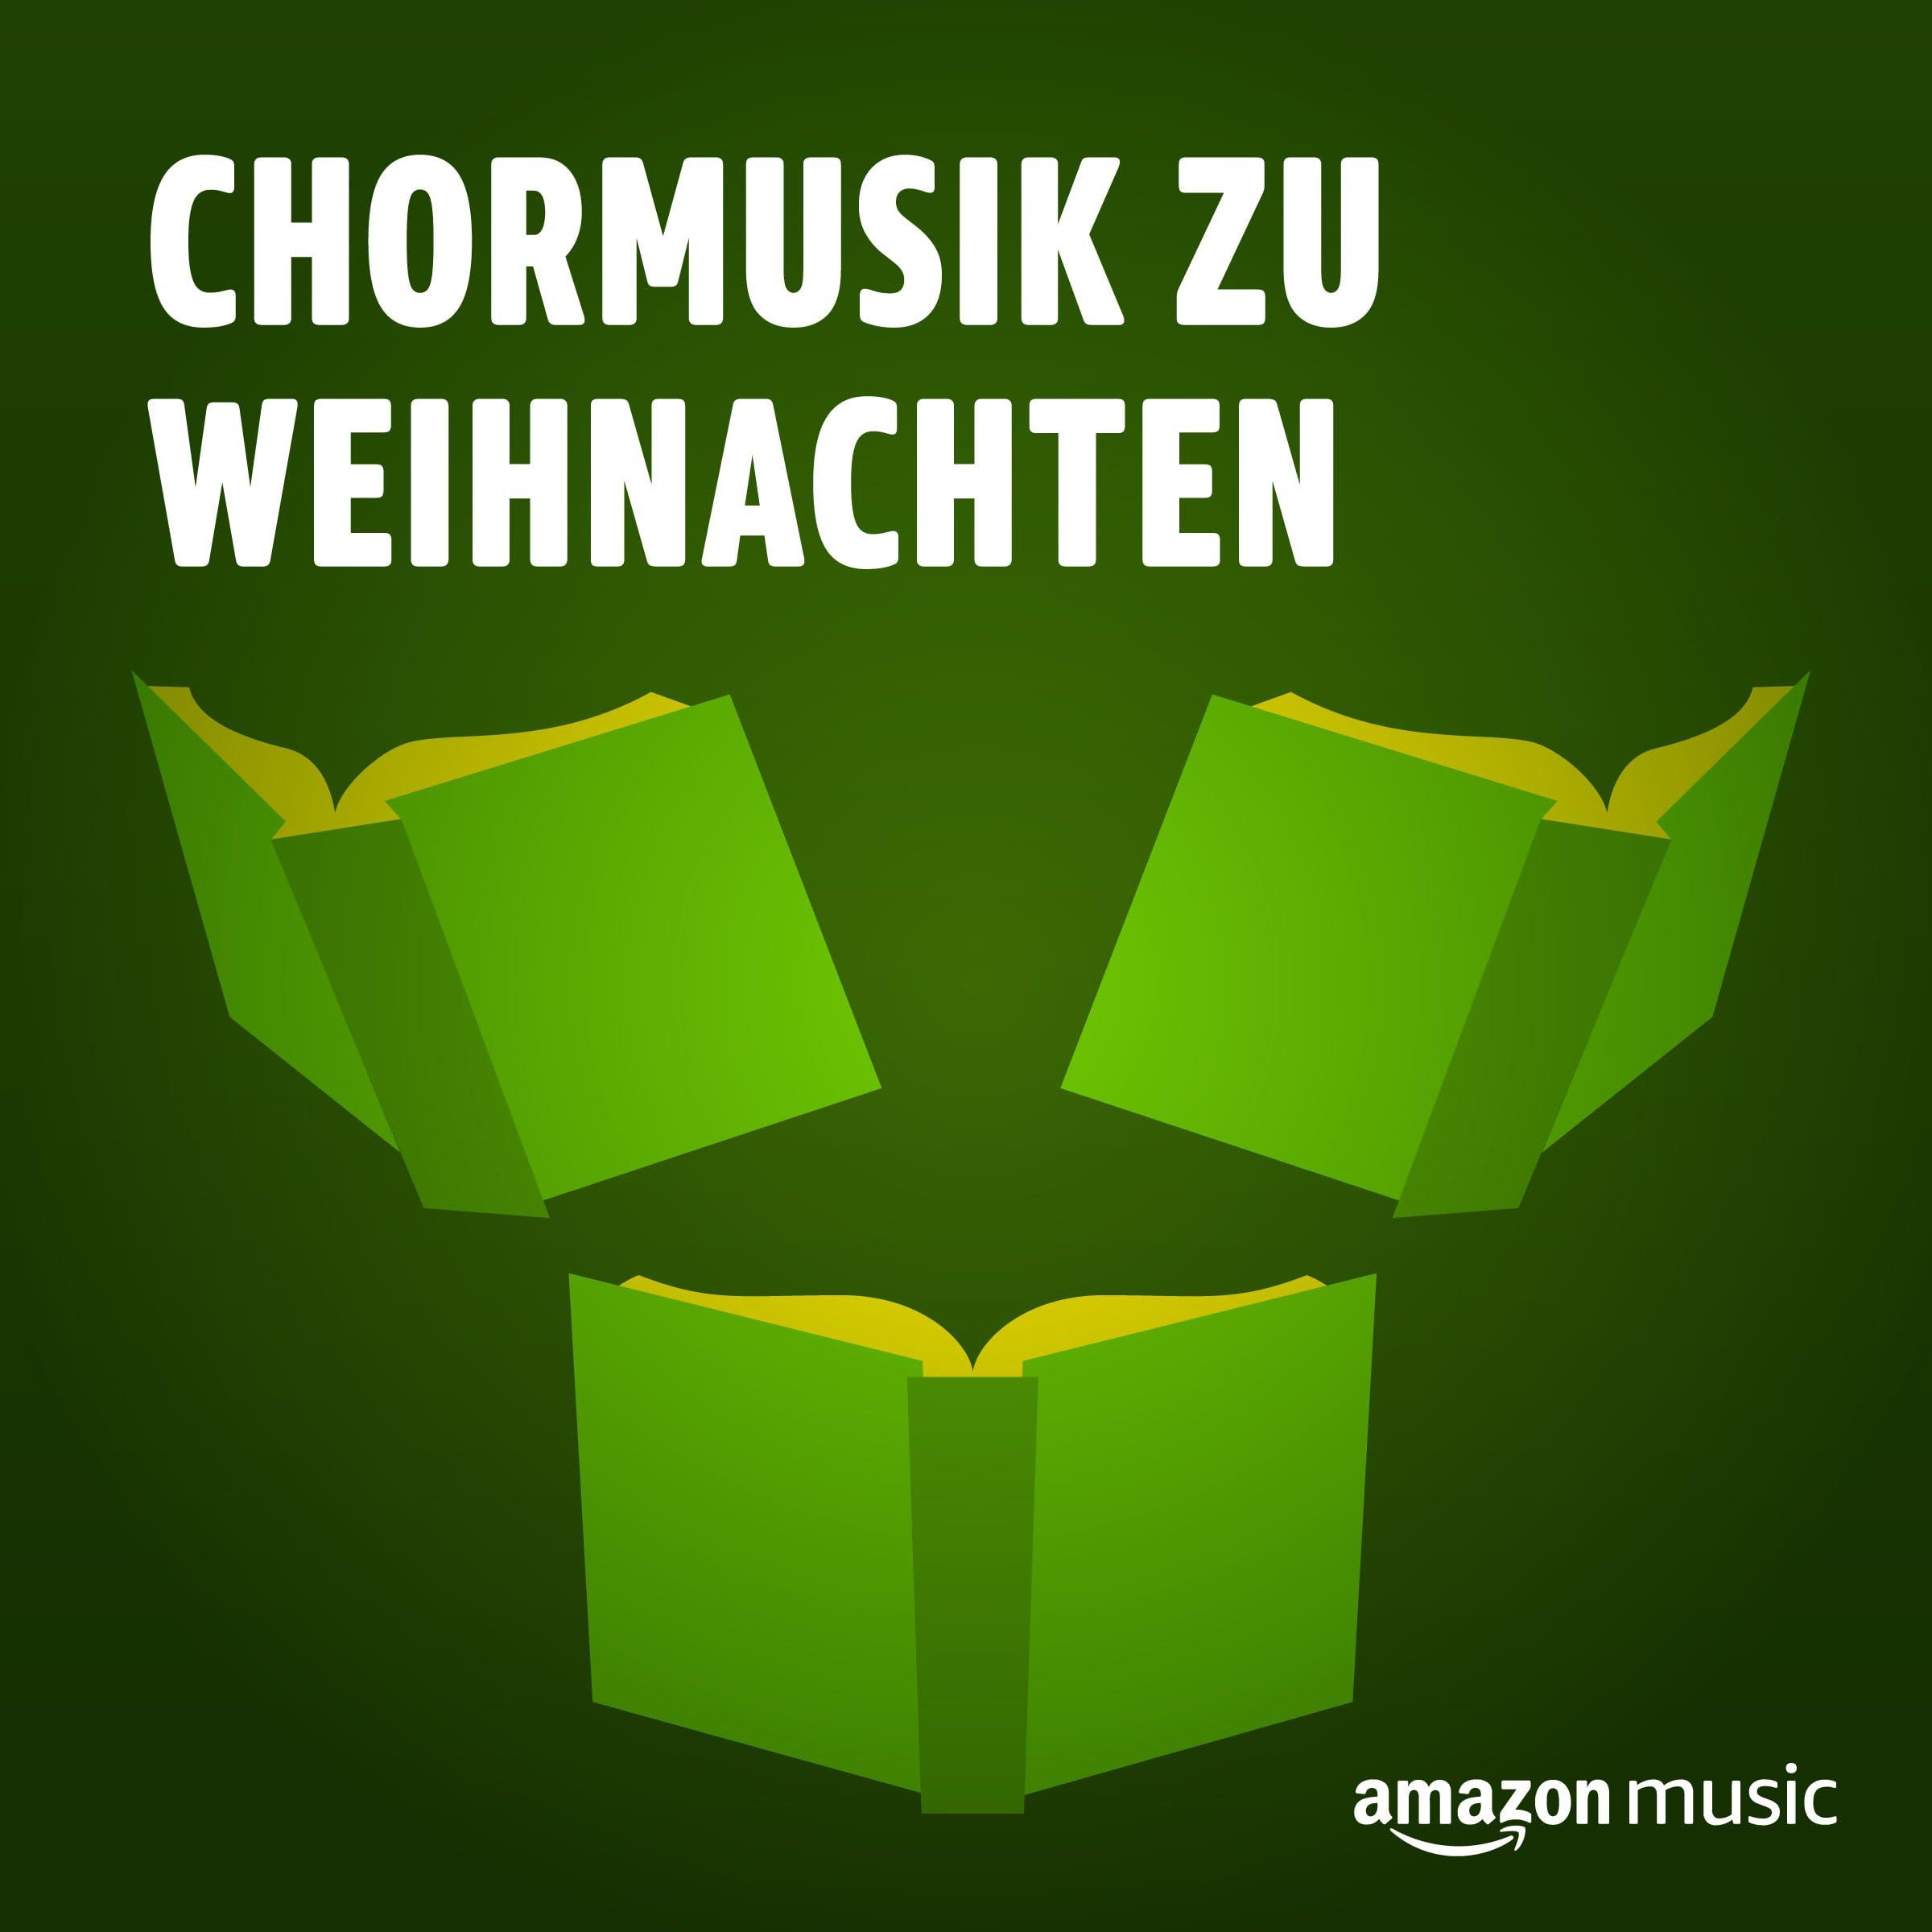 Chormusik zu Weihnachten